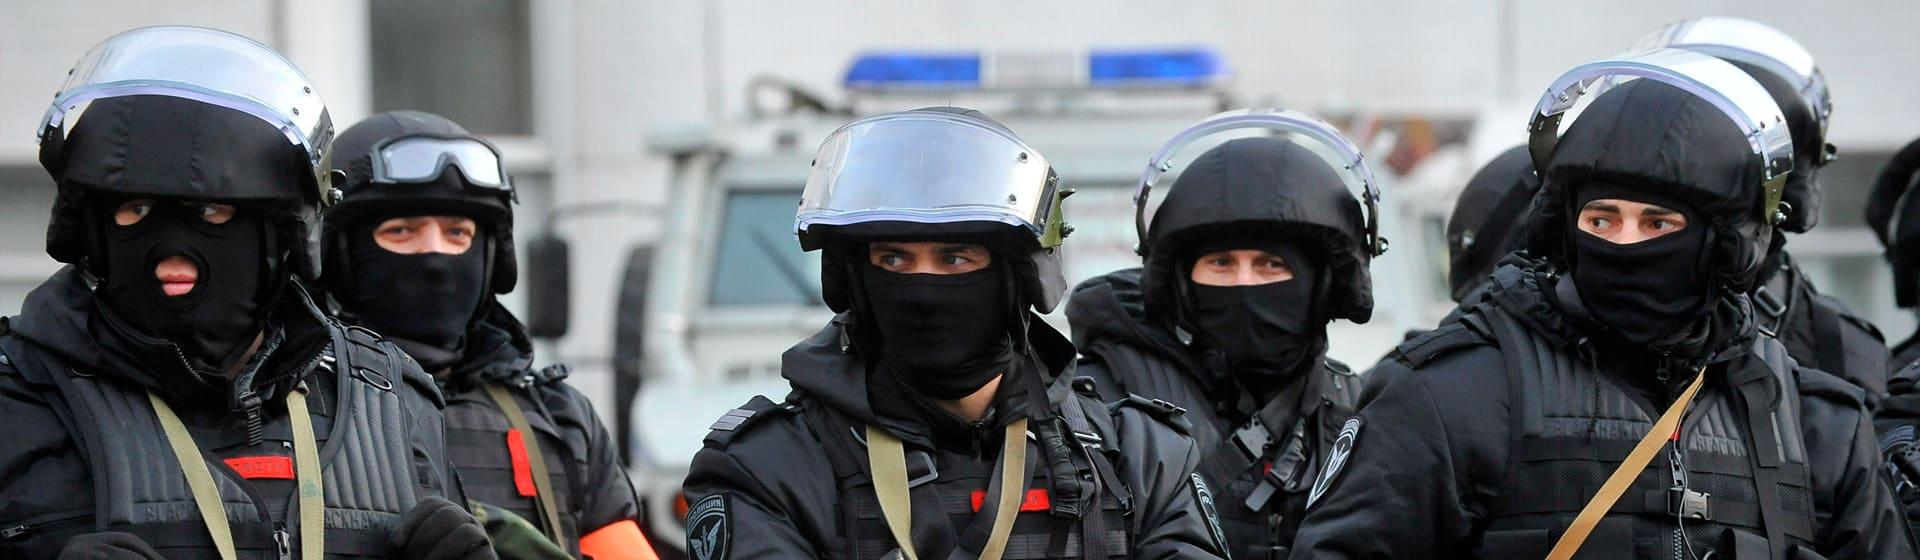 ФСБ - Мерч и одежда с атрибутикой